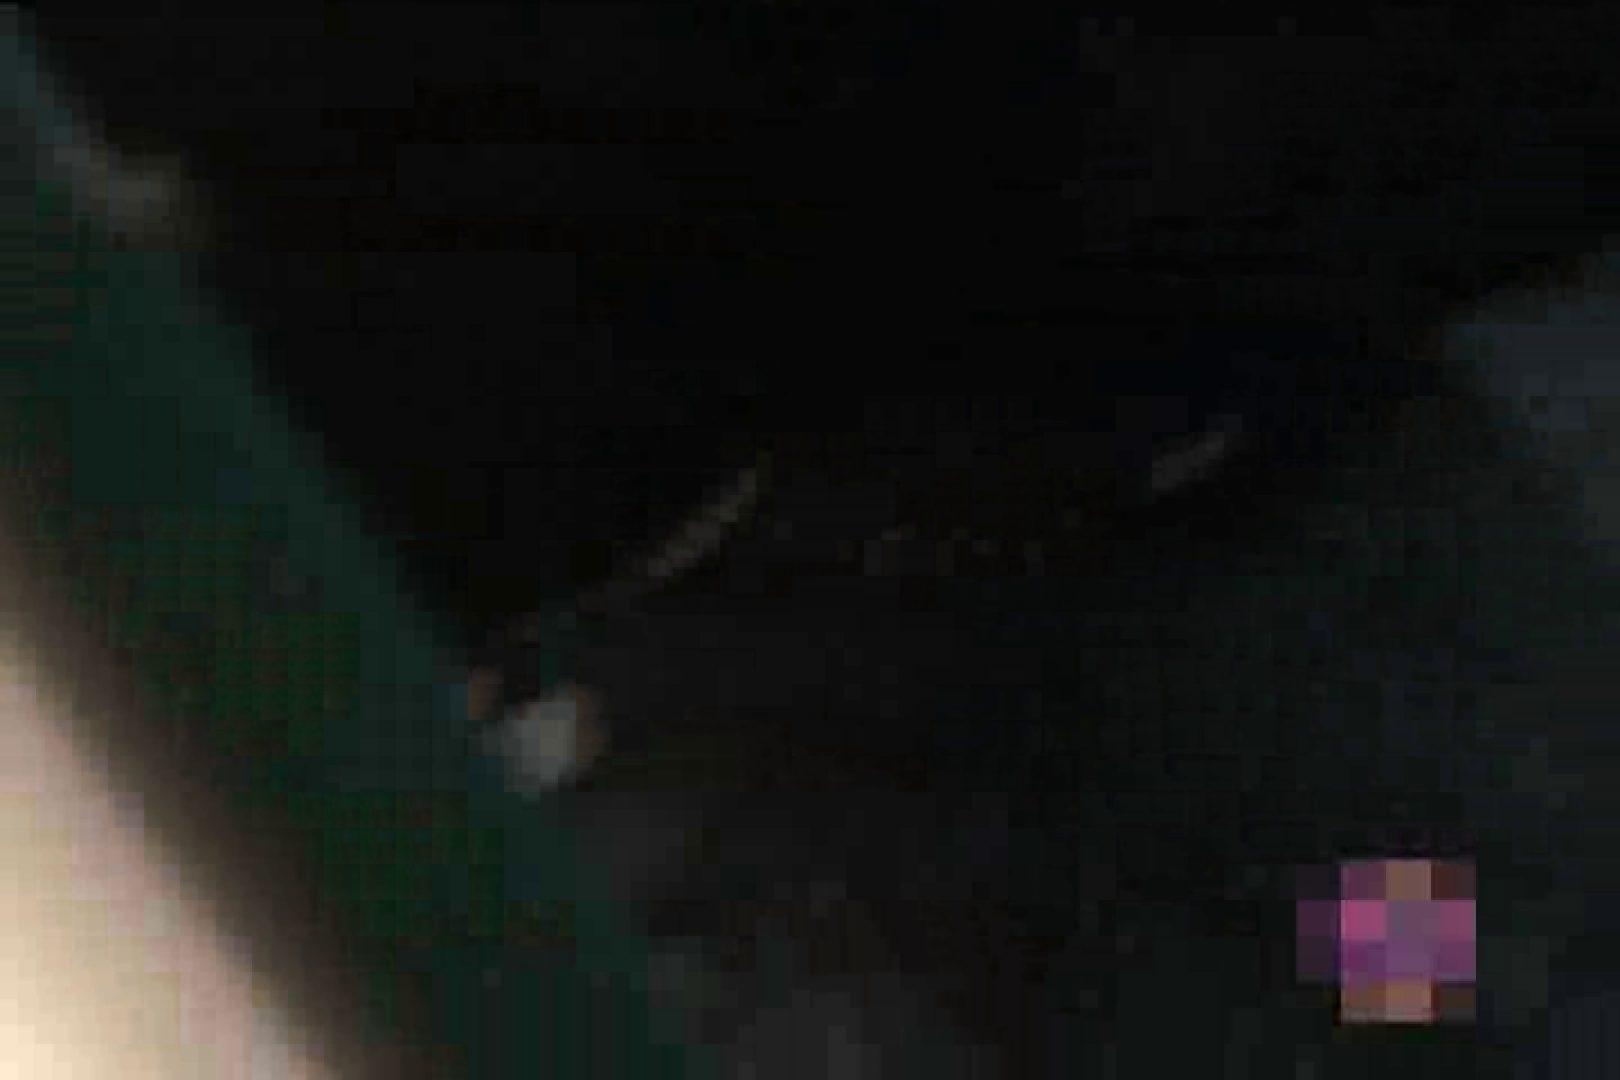 大胆露出胸チラギャル大量発生中!!Vol.6 現役ギャル オマンコ動画キャプチャ 103pic 93